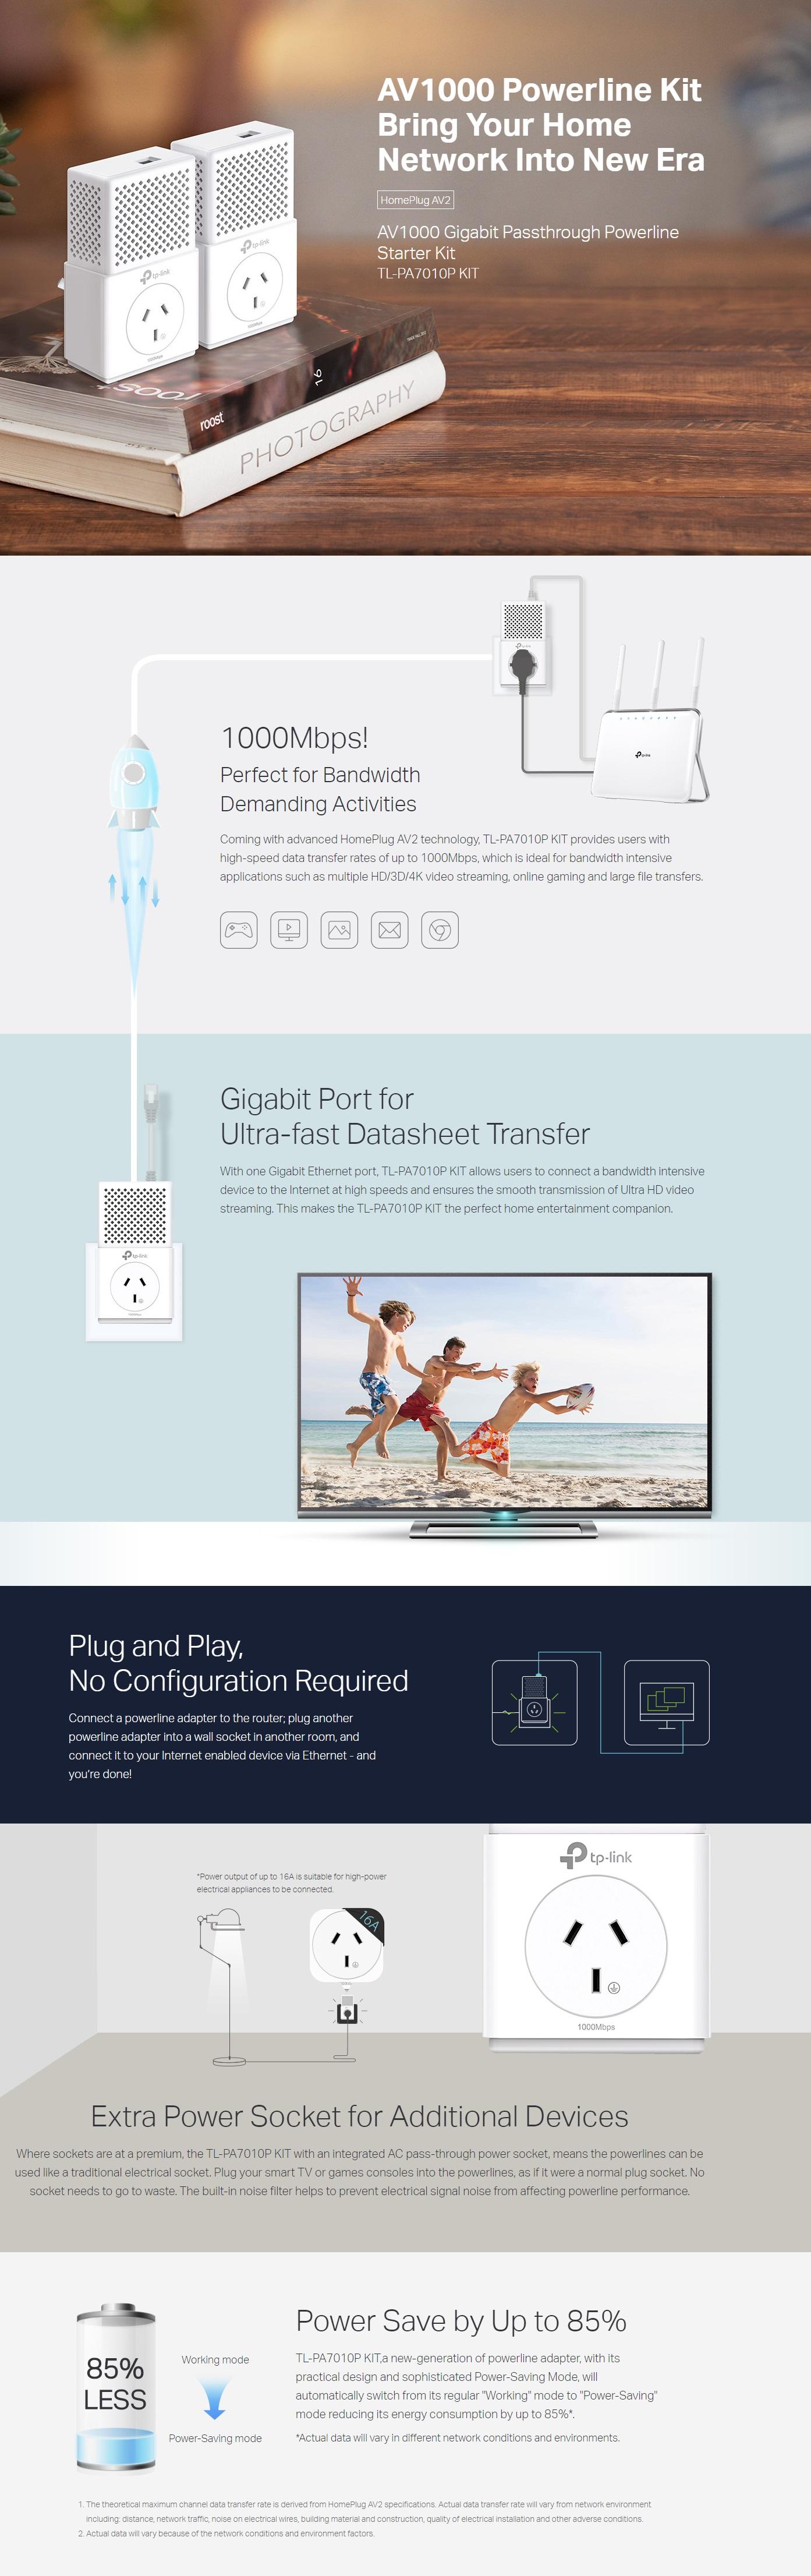 TP-Link TL-PA7010P KIT AV1000 PowerLine Ethernet Network Adapter Range Extender